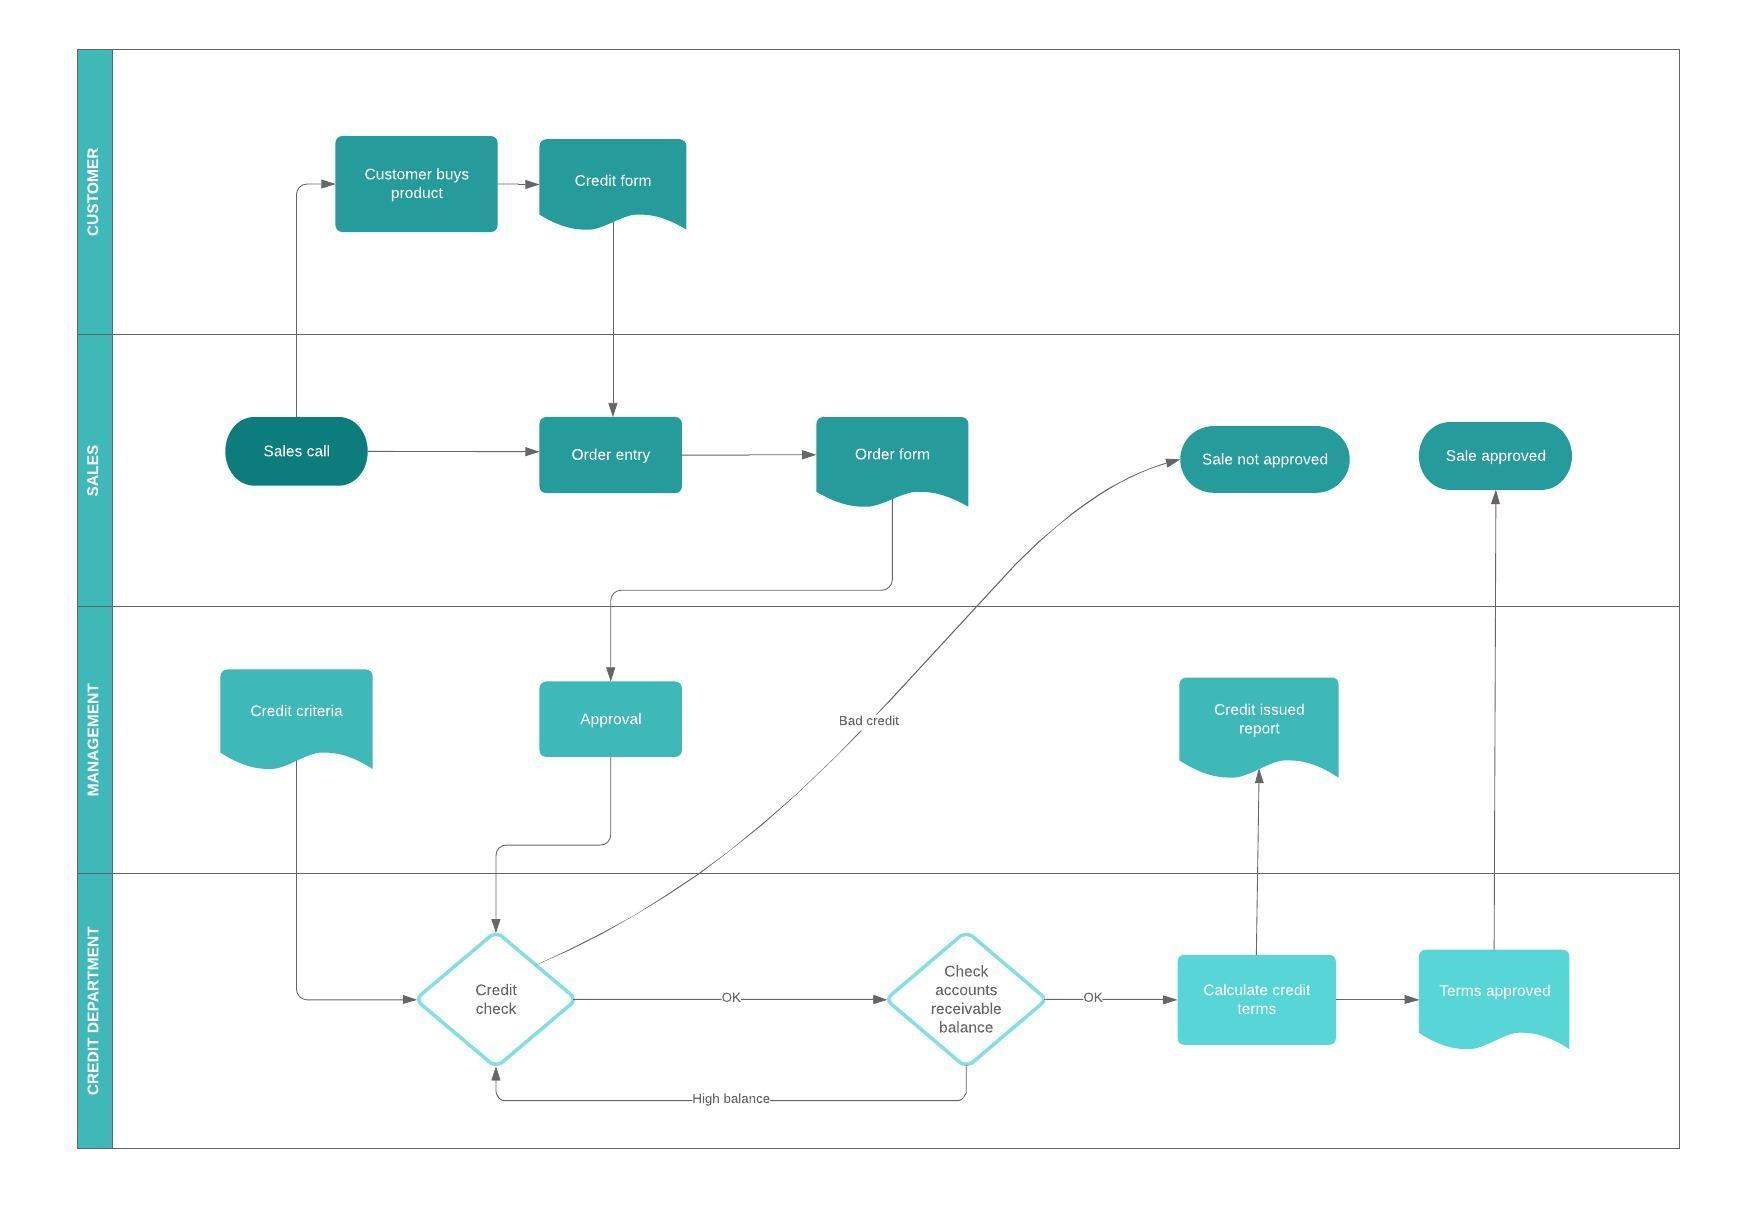 Exemplo de gestão de processos de negócios